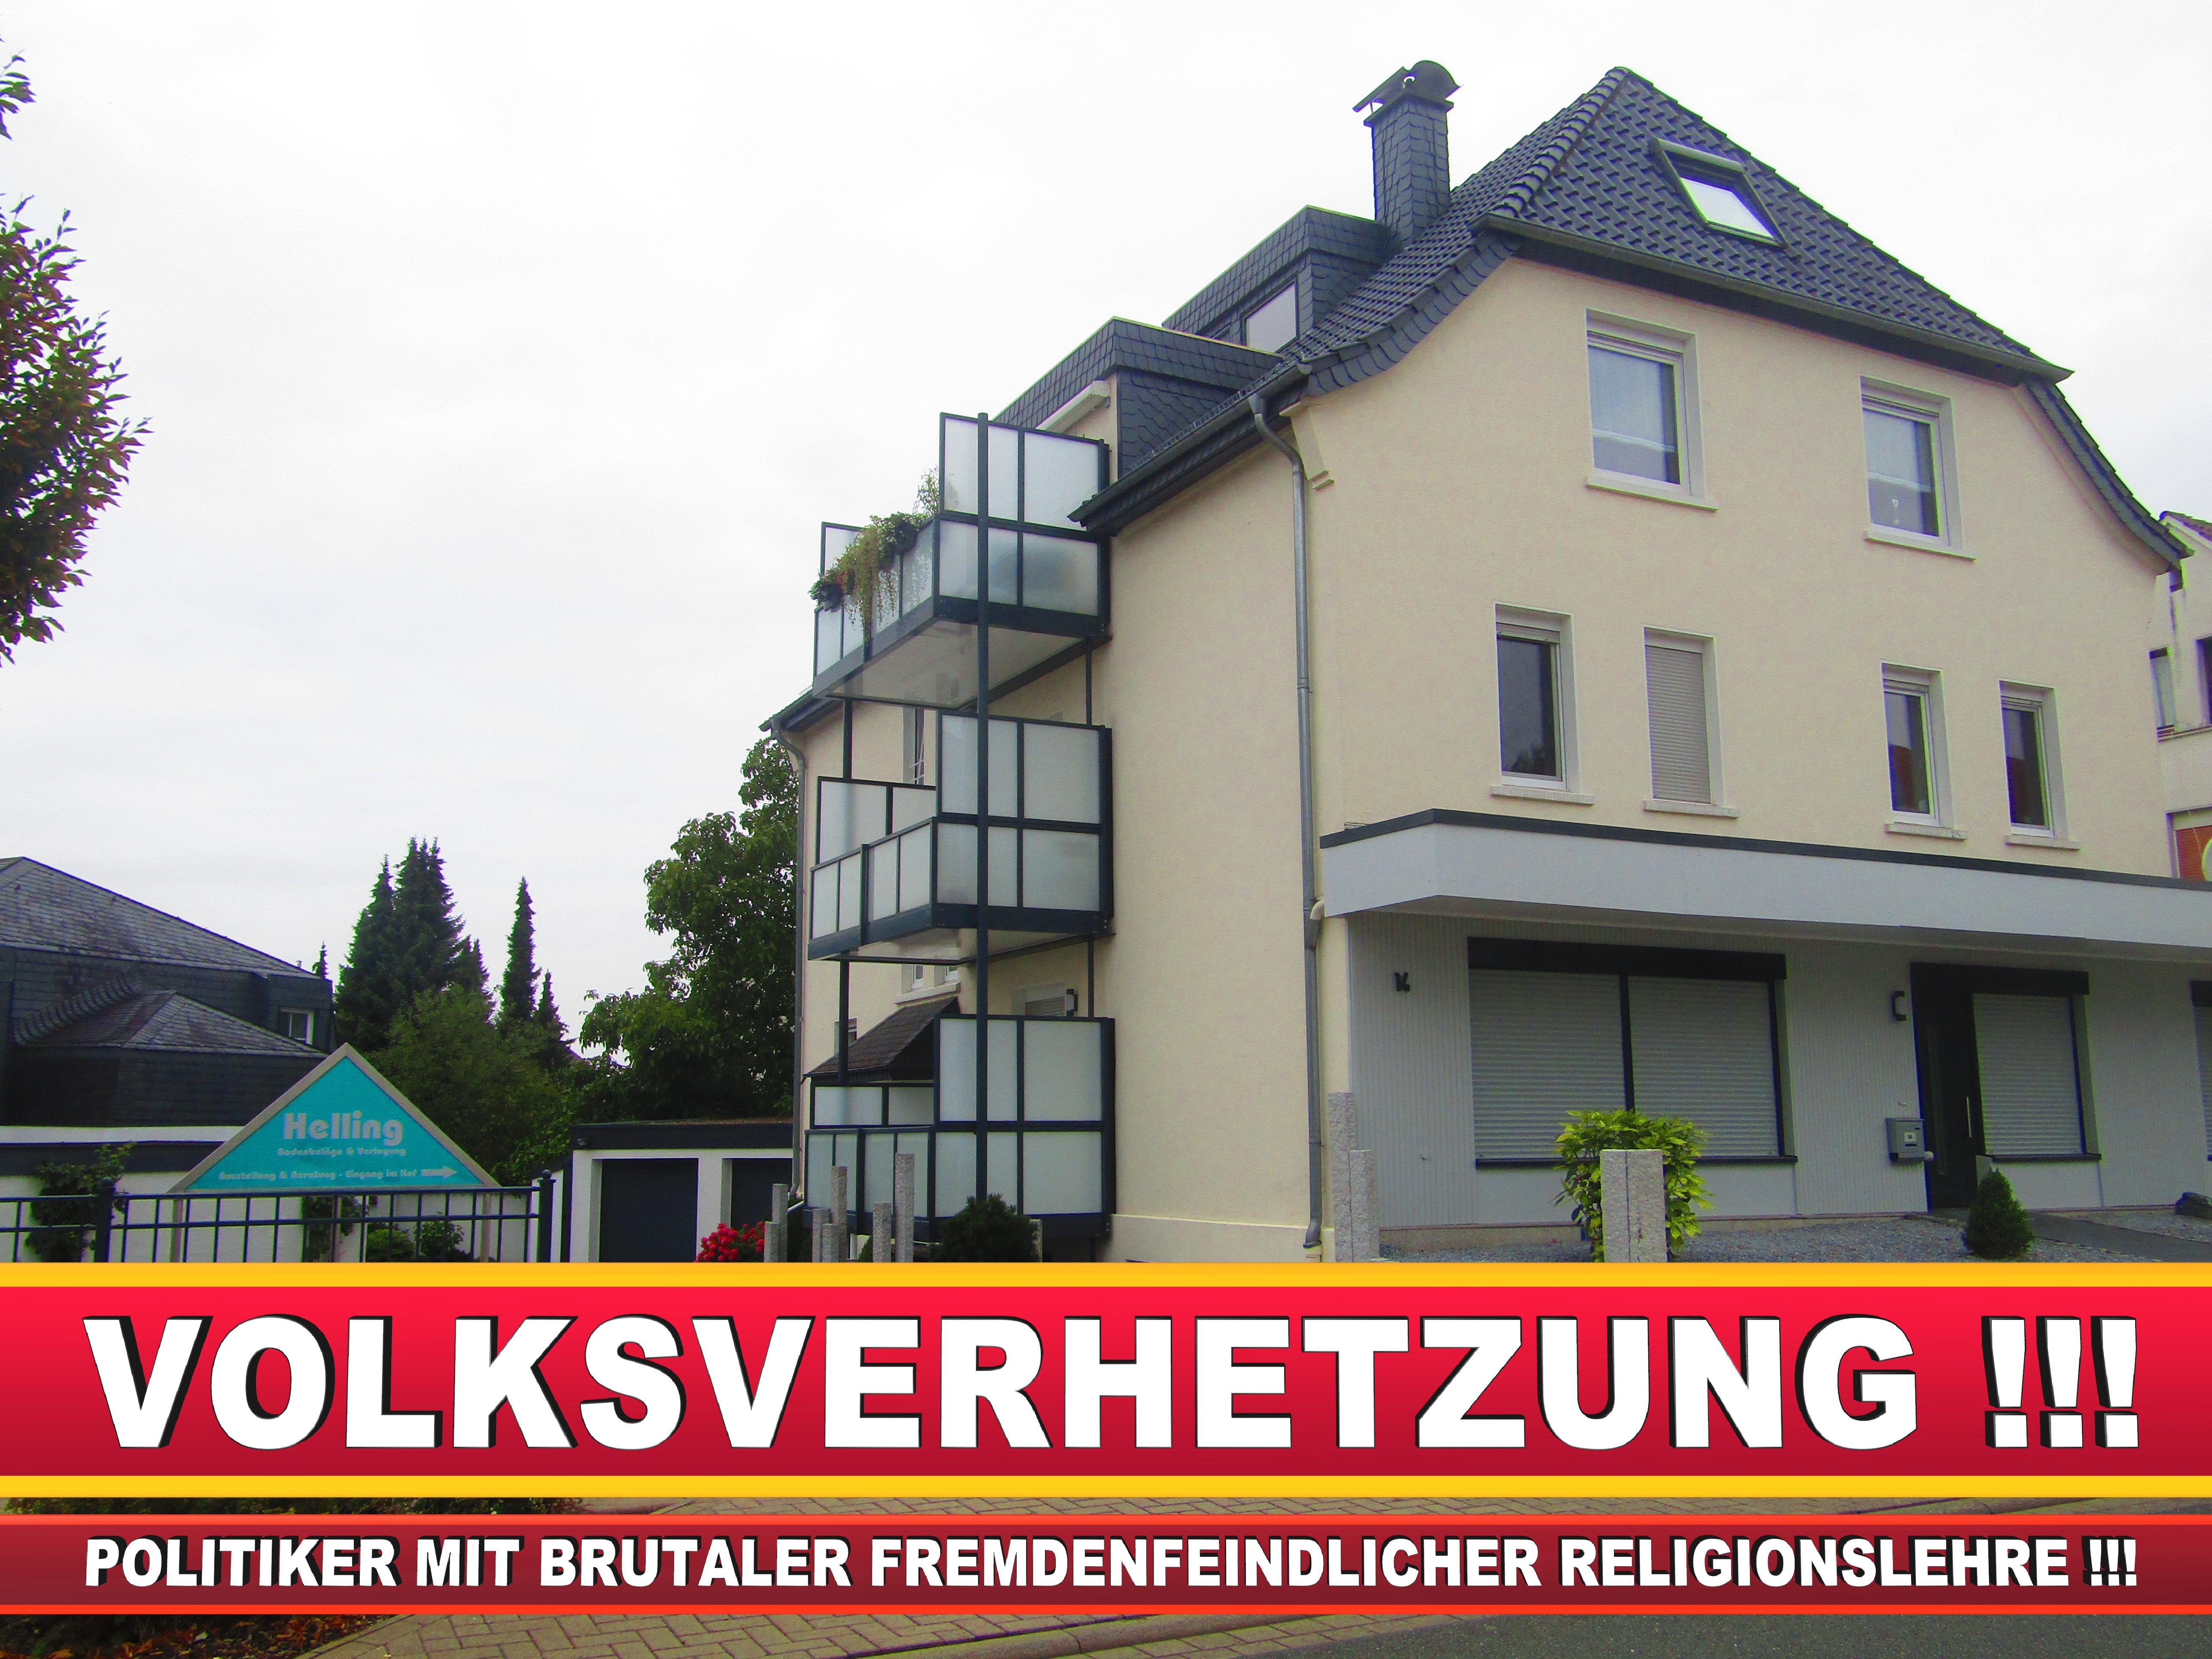 DETLEF HELLING BODENBELÄGE BIELEFELD CDU BIELEFELD (5) LANDTAGSWAHL BUNDESTAGSWAHL BÜRGERMEISTERWAHL